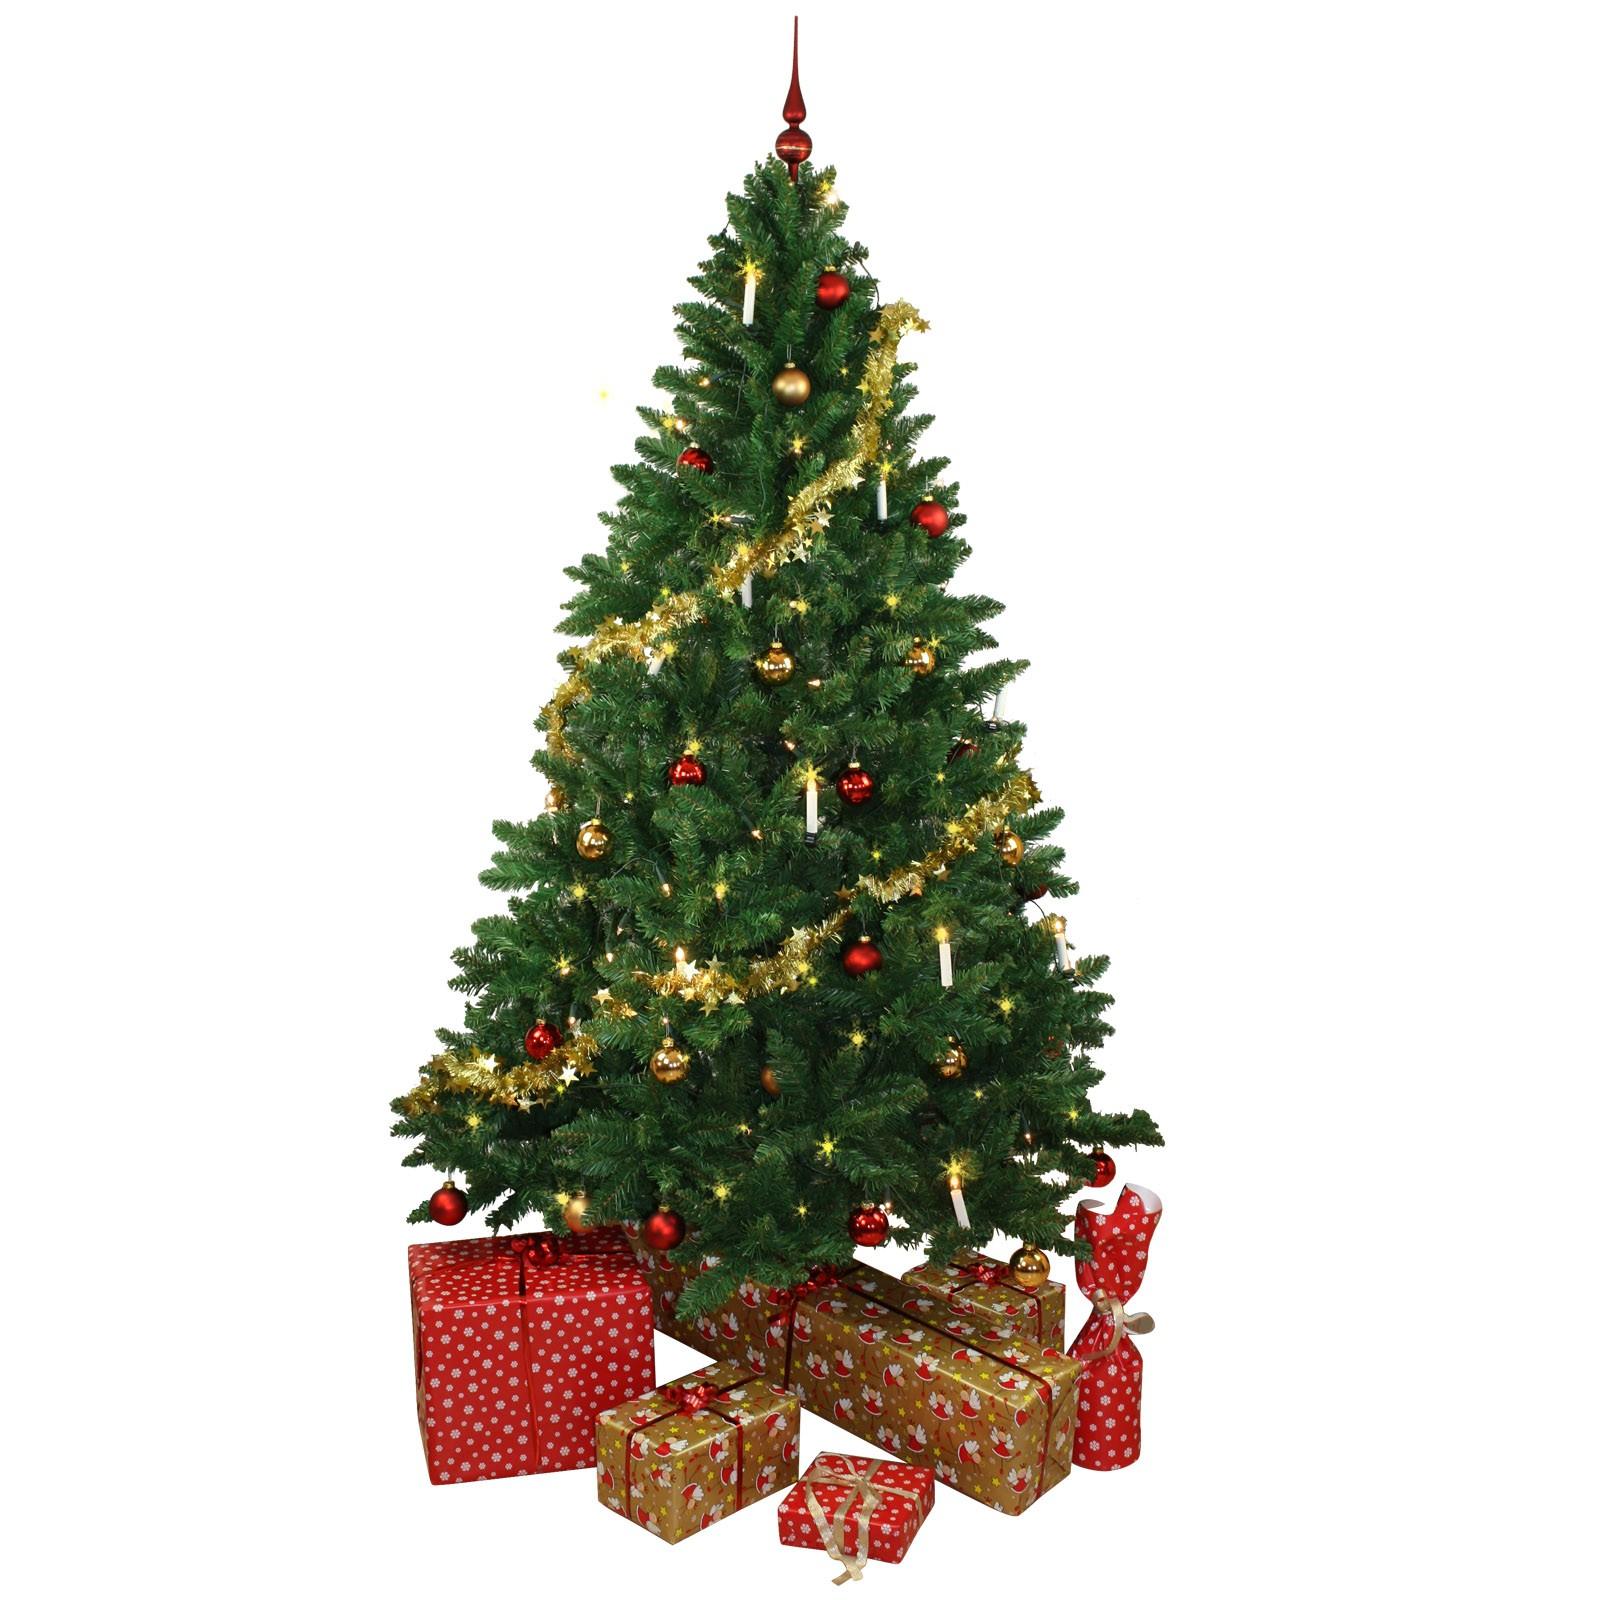 christbaum k nstlicher weihnachtsbaum tannenbaum. Black Bedroom Furniture Sets. Home Design Ideas